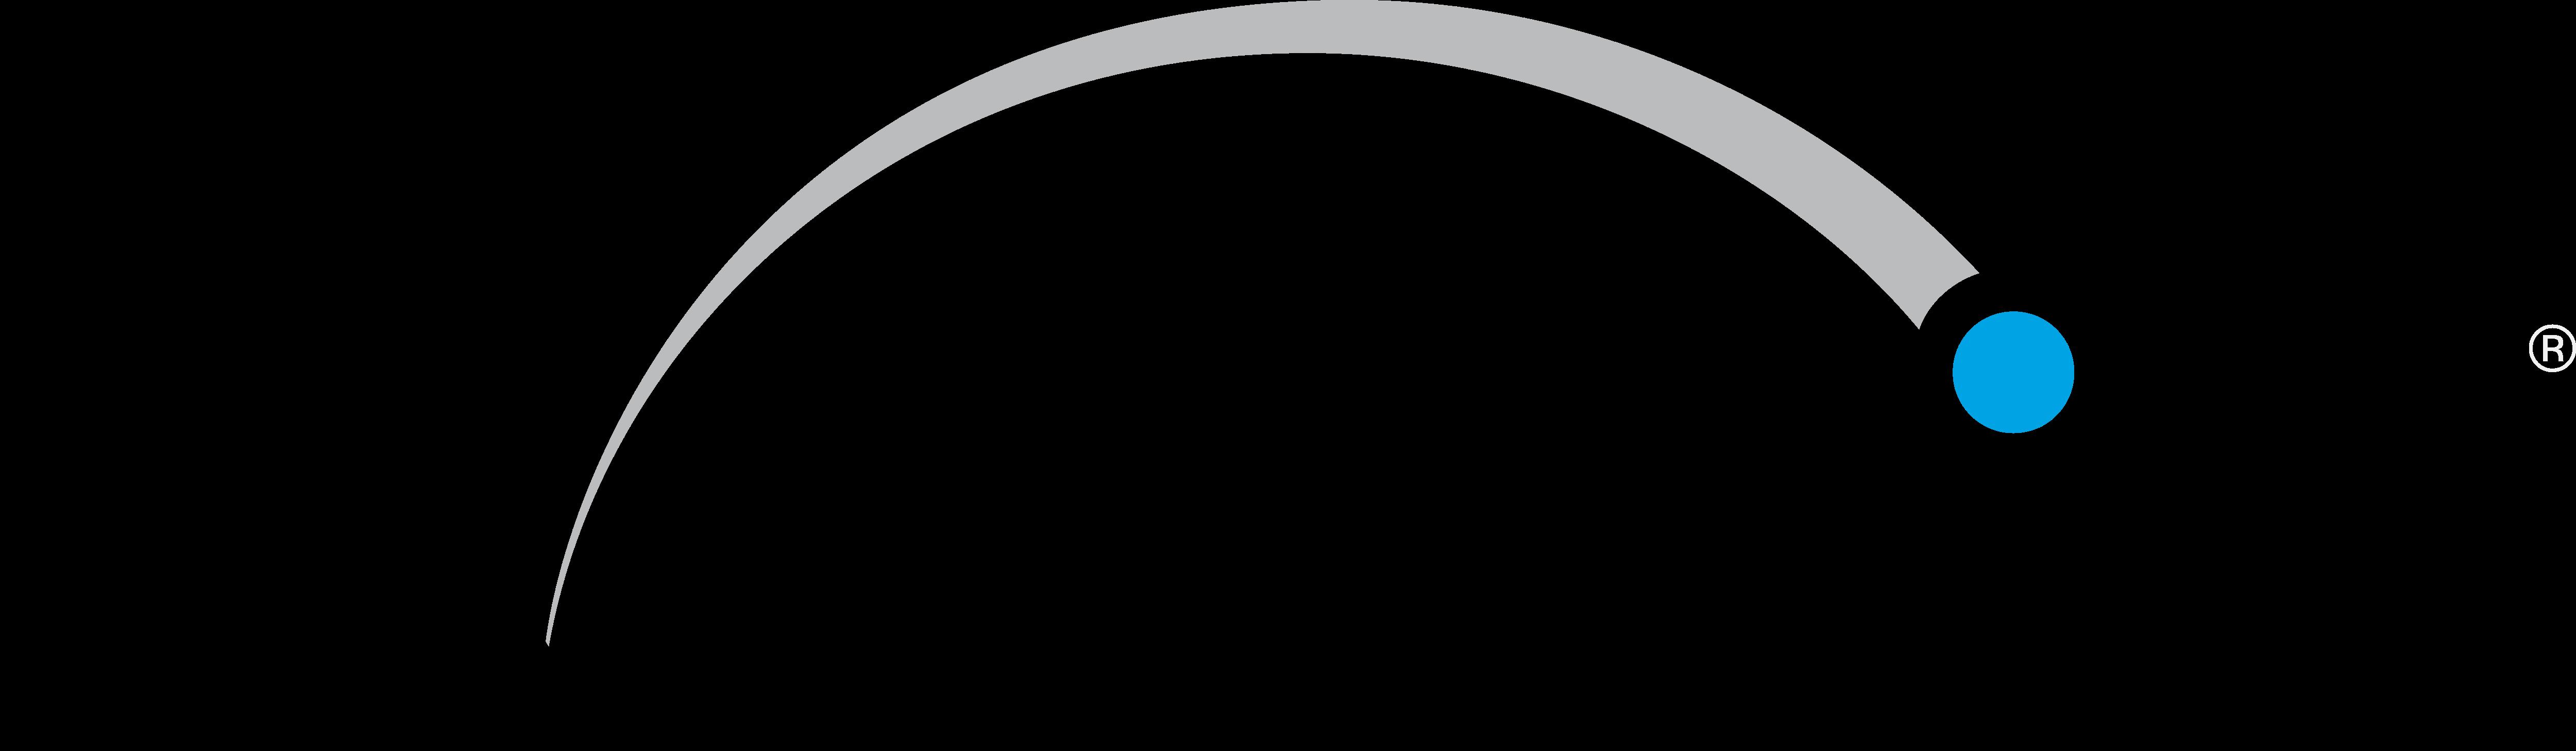 Bungie – Logos Download